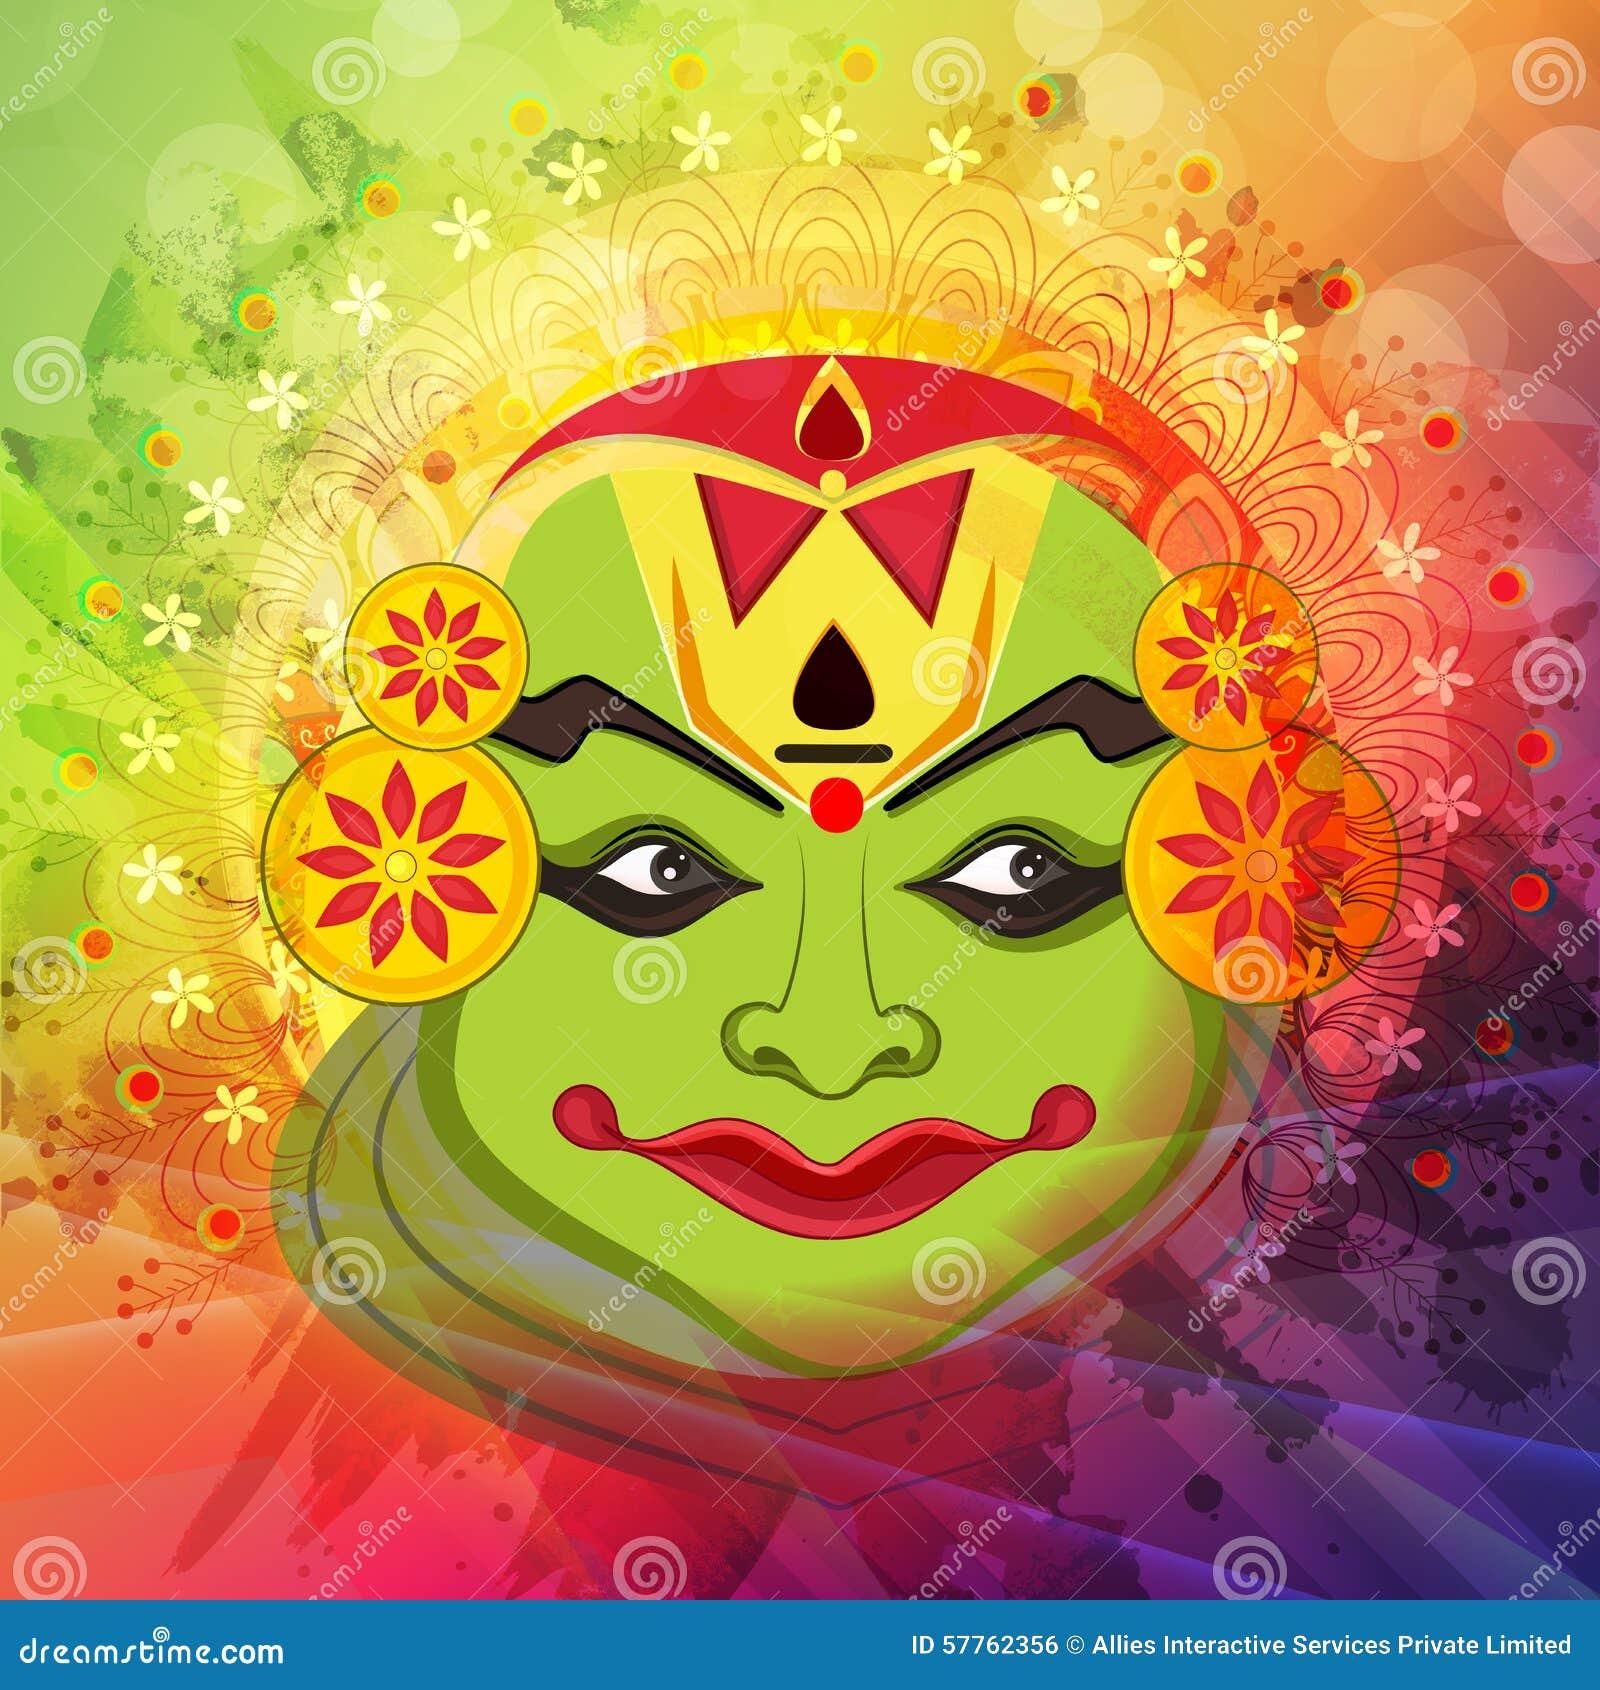 Kathakali Dancer Face For Happy Onam Celebration. Stock ...